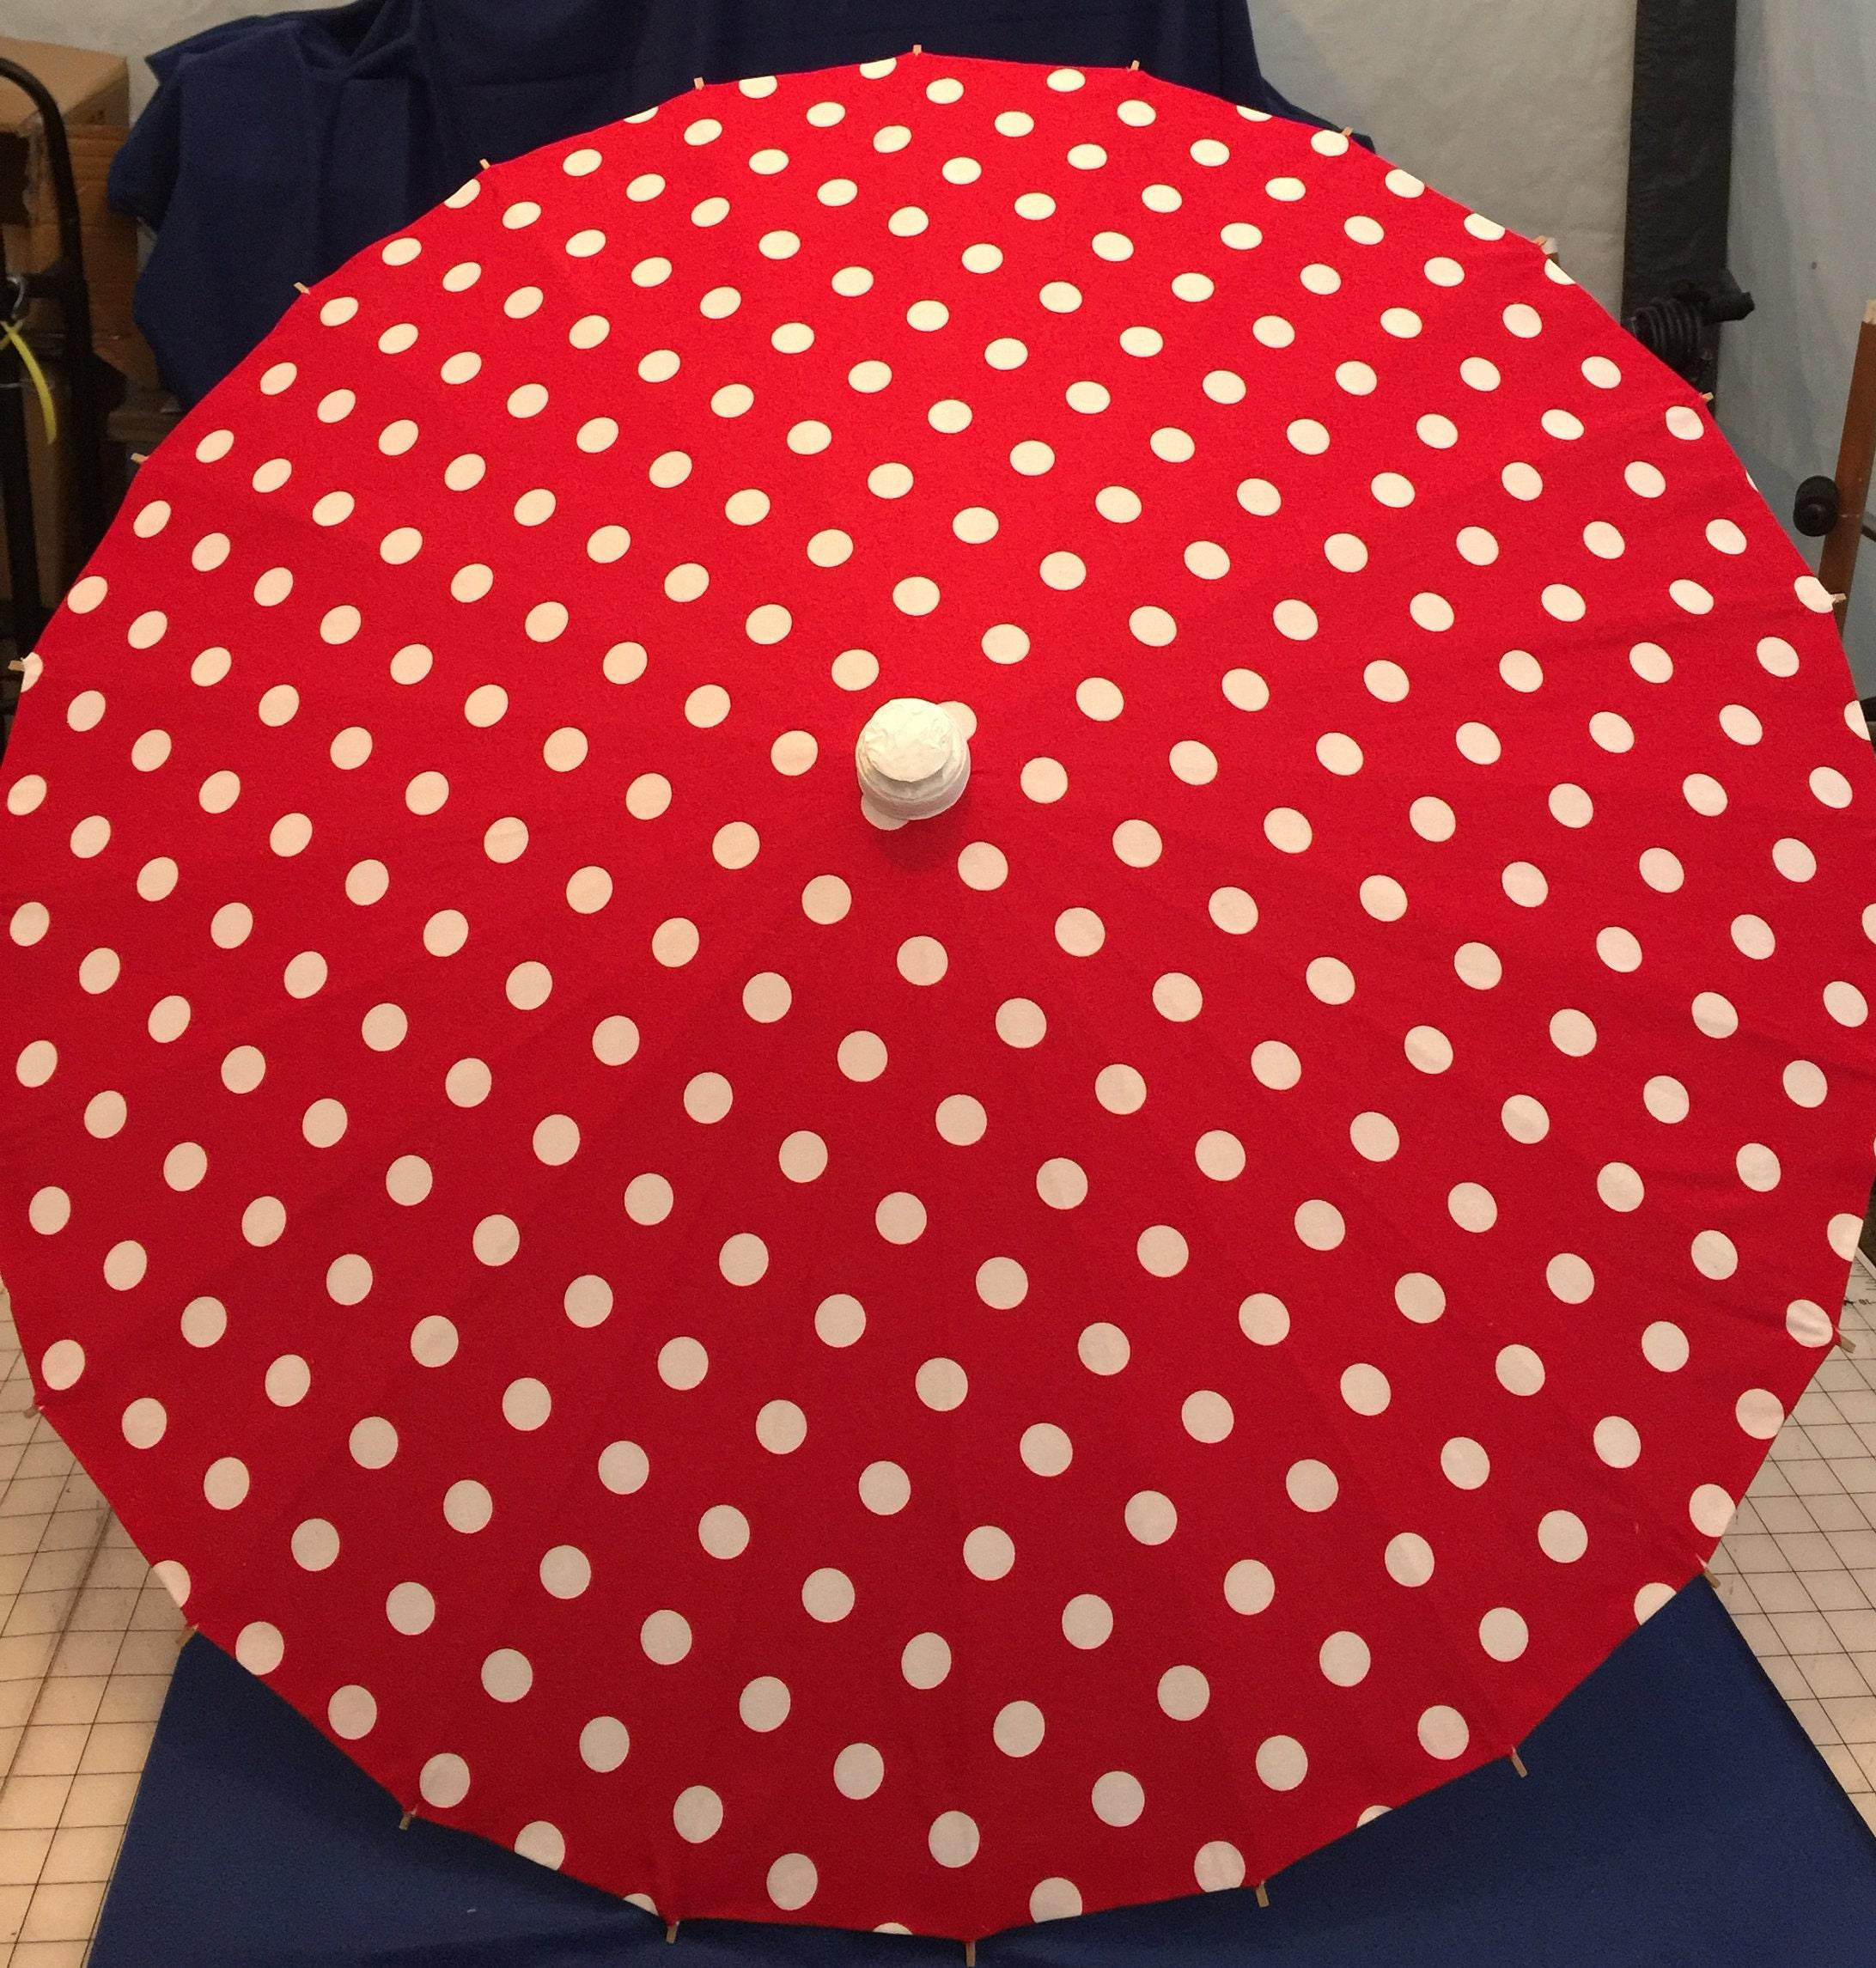 Rot mit weißen Tupfen Sonnenschirm | Etsy